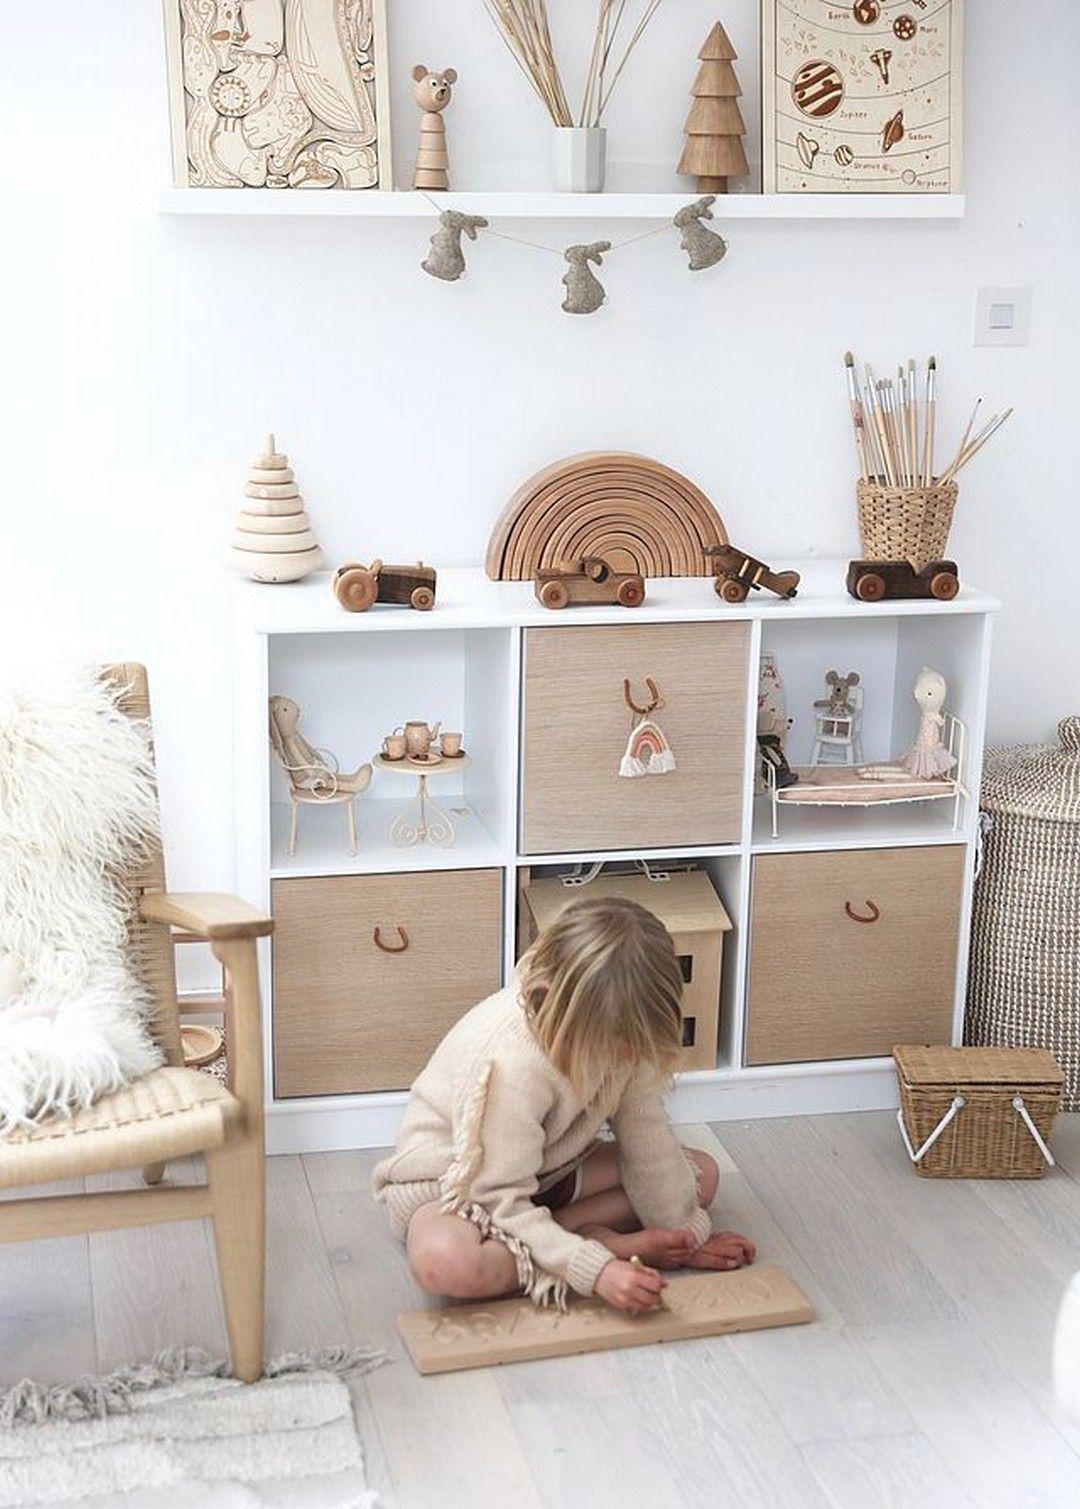 Epingle Sur Design Chambre Enfant